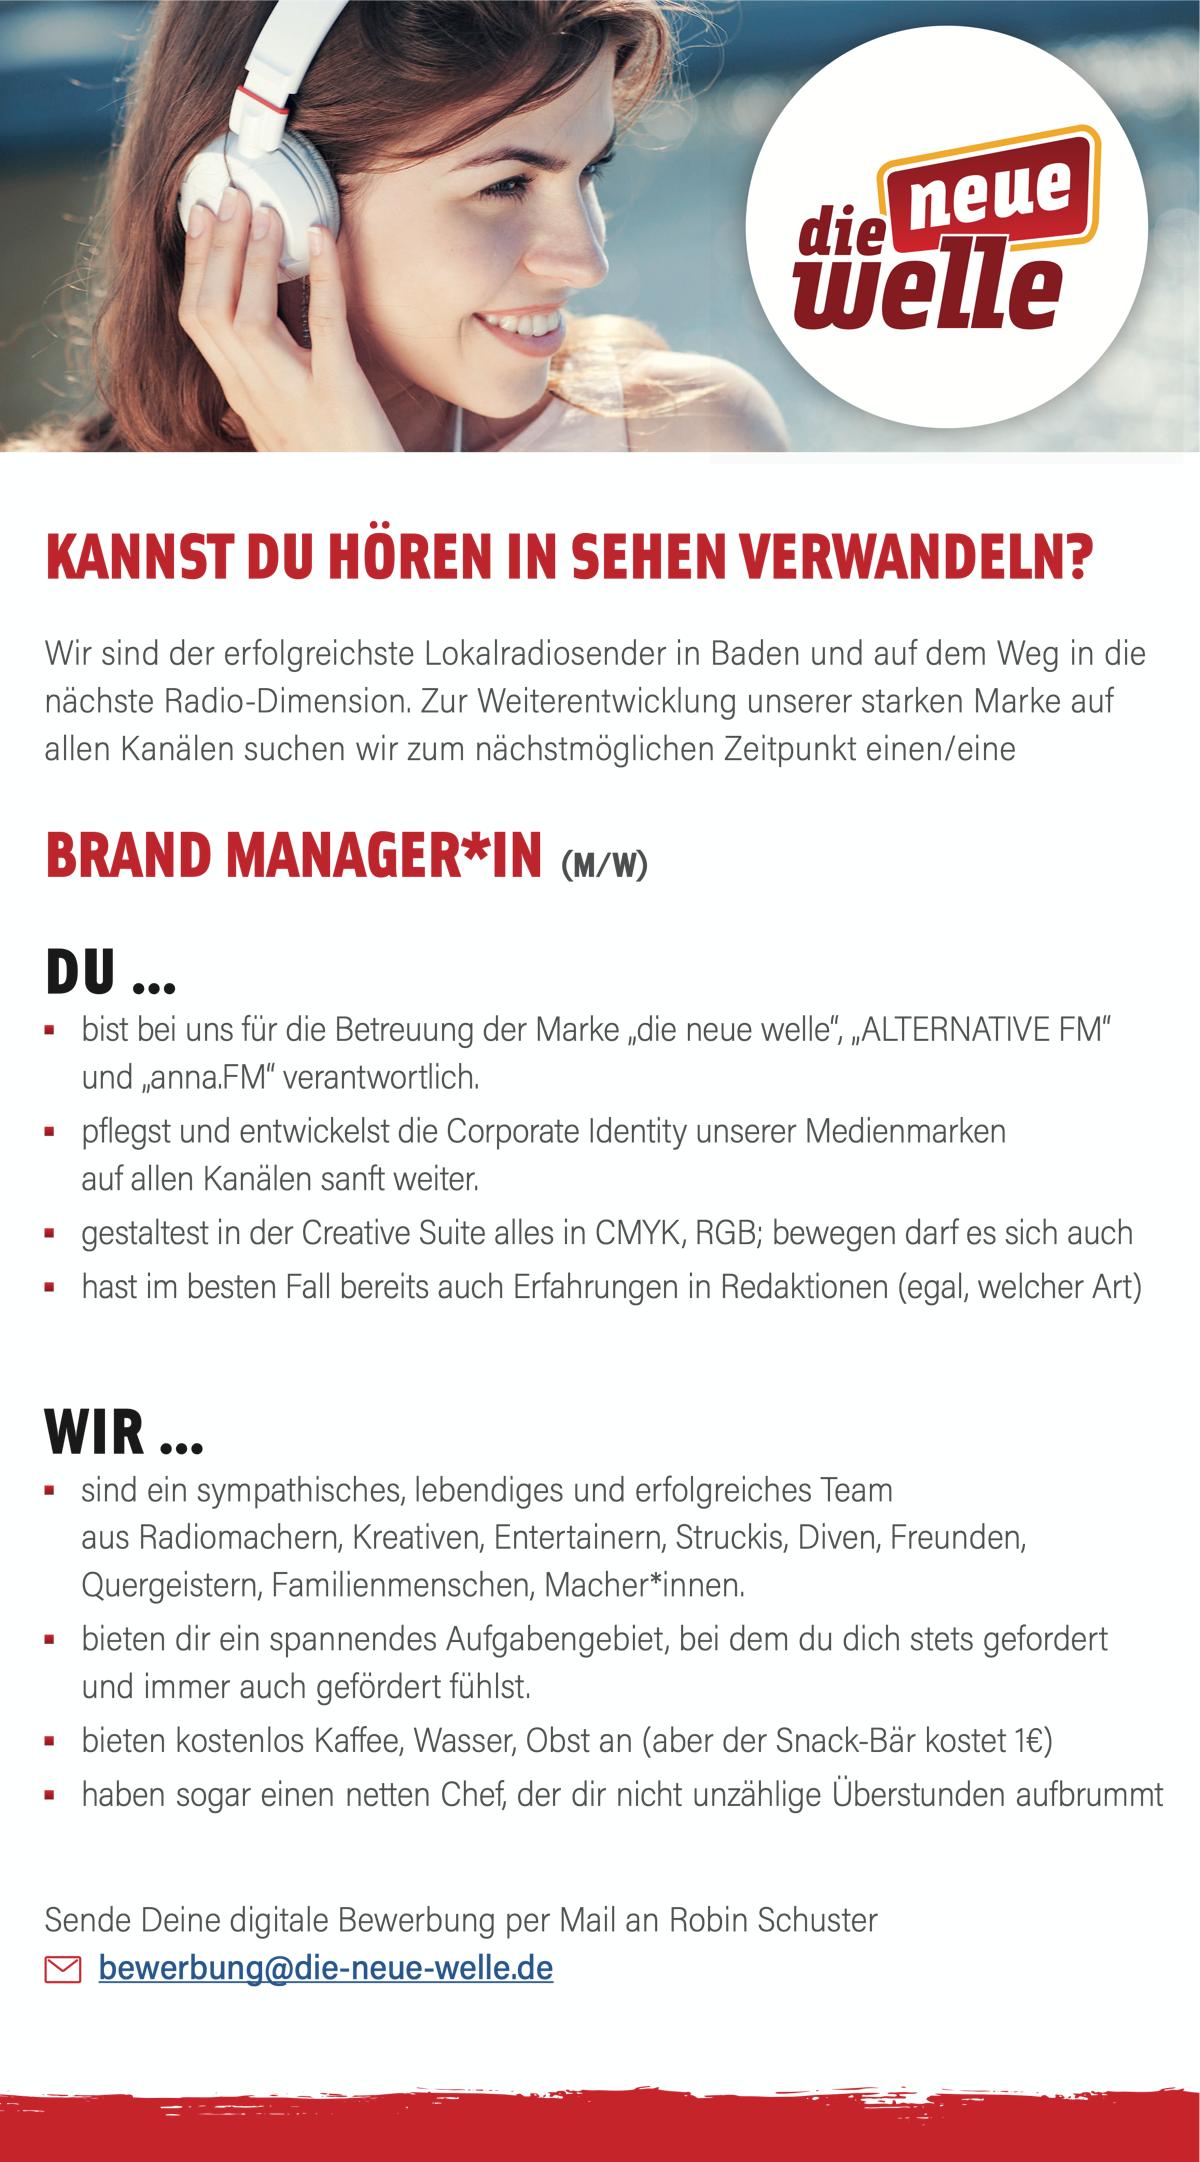 die neue welle sucht Brand Manager*in (m/w)